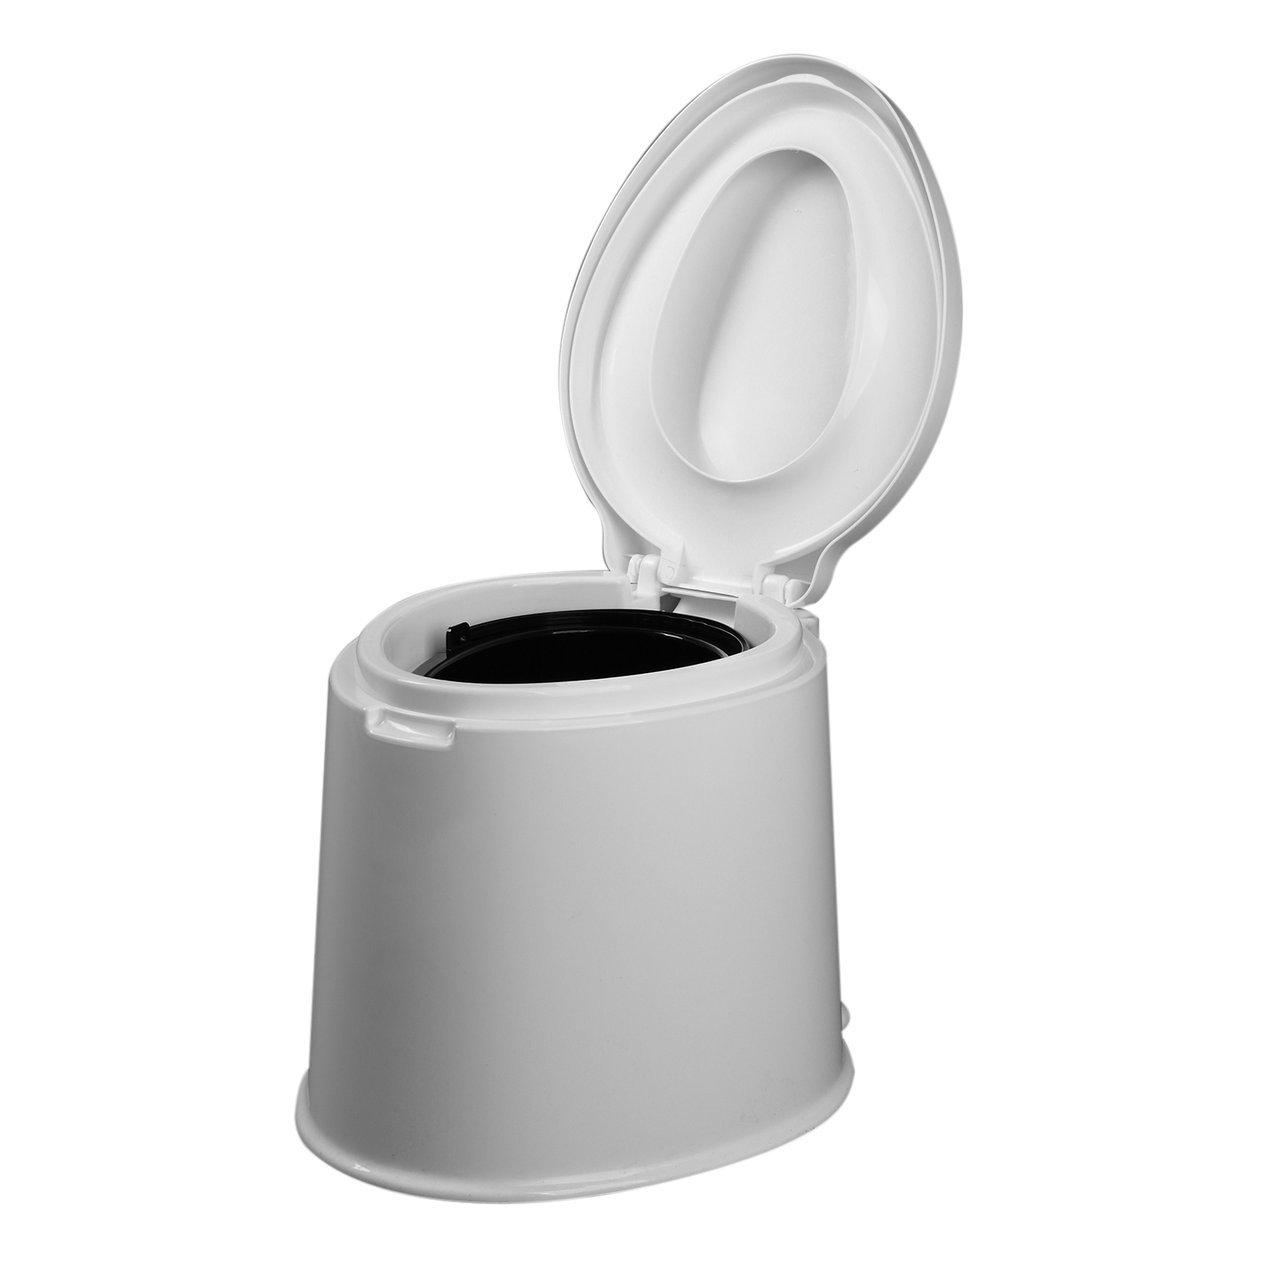 Dooret Tragbare Toilette Flush Caravan Reise Camping Wandern Outdoor Indoor Töpfchen 1,6 Gallonen 6L